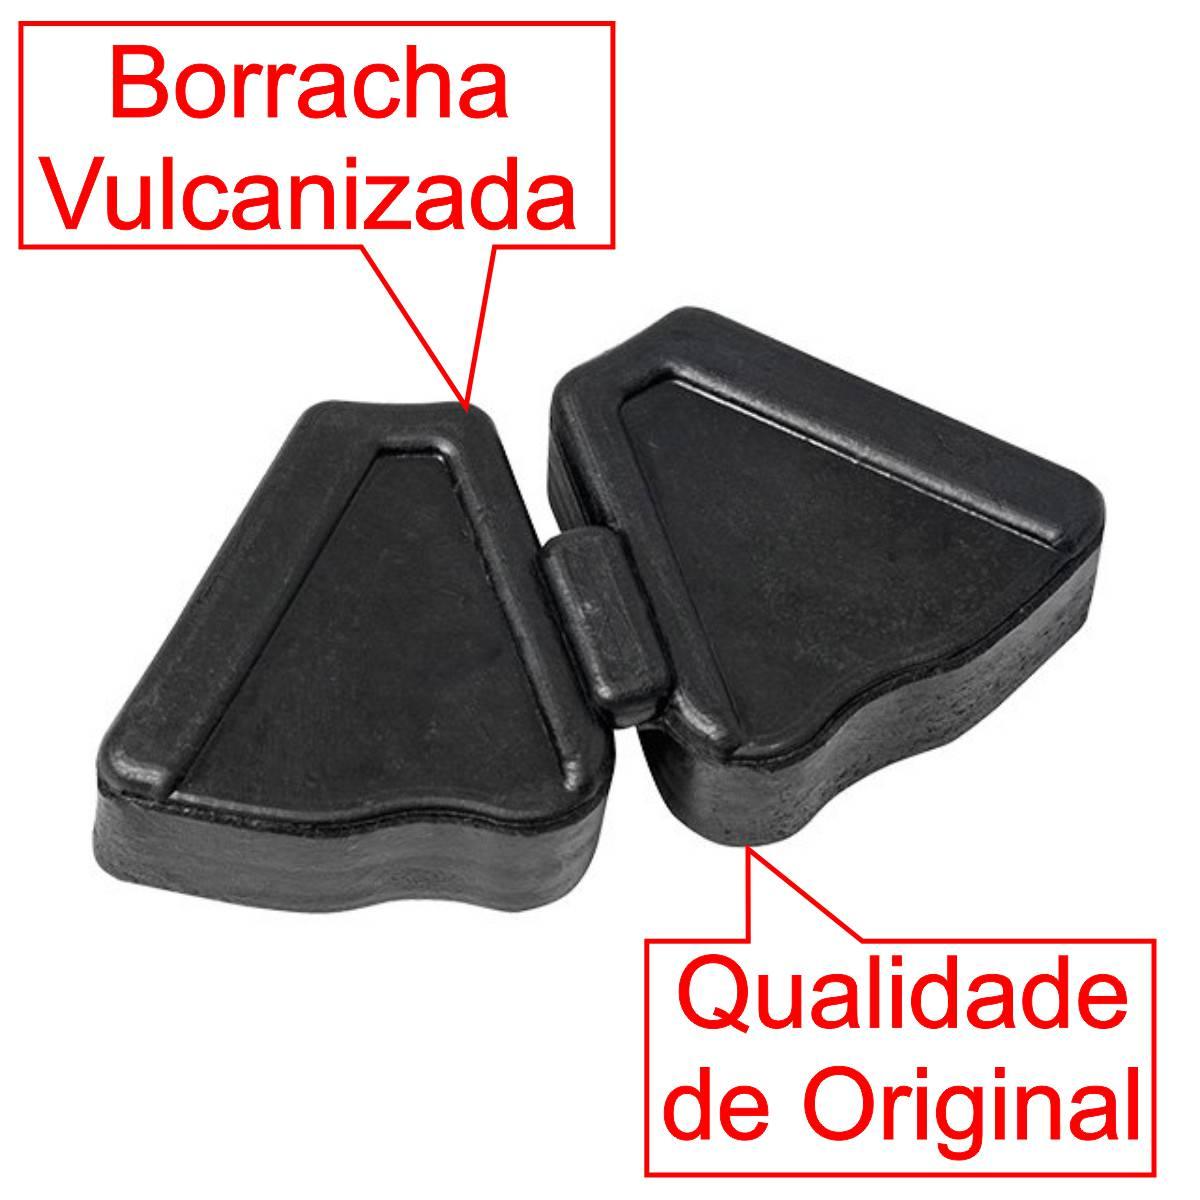 KIT COXIM BORRACHA BUCHA DA COROA RODA TRASEIRA MOTO HONDA C 100 BIZ JOGO 4 PEÇAS + GRAXA SPRAY 60ml